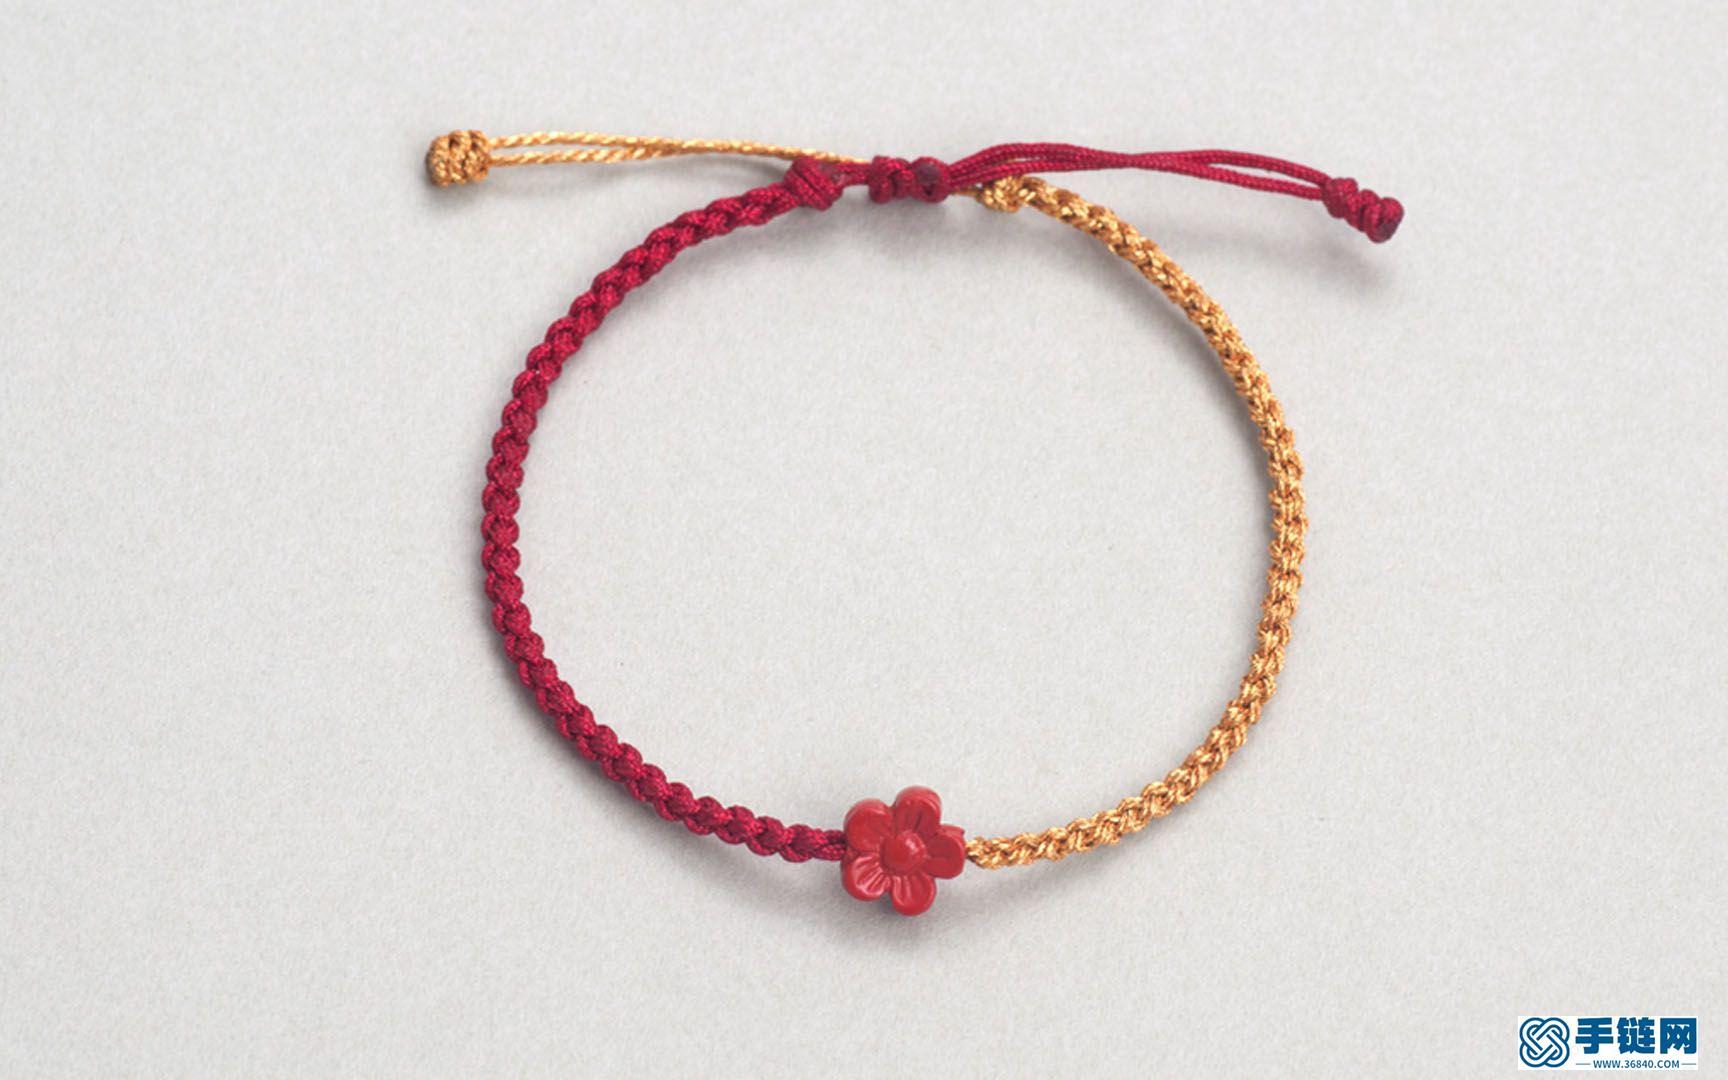 【编绳】易烊千玺送你一朵小红花电影款本命年红手绳手链diy编织方法教程